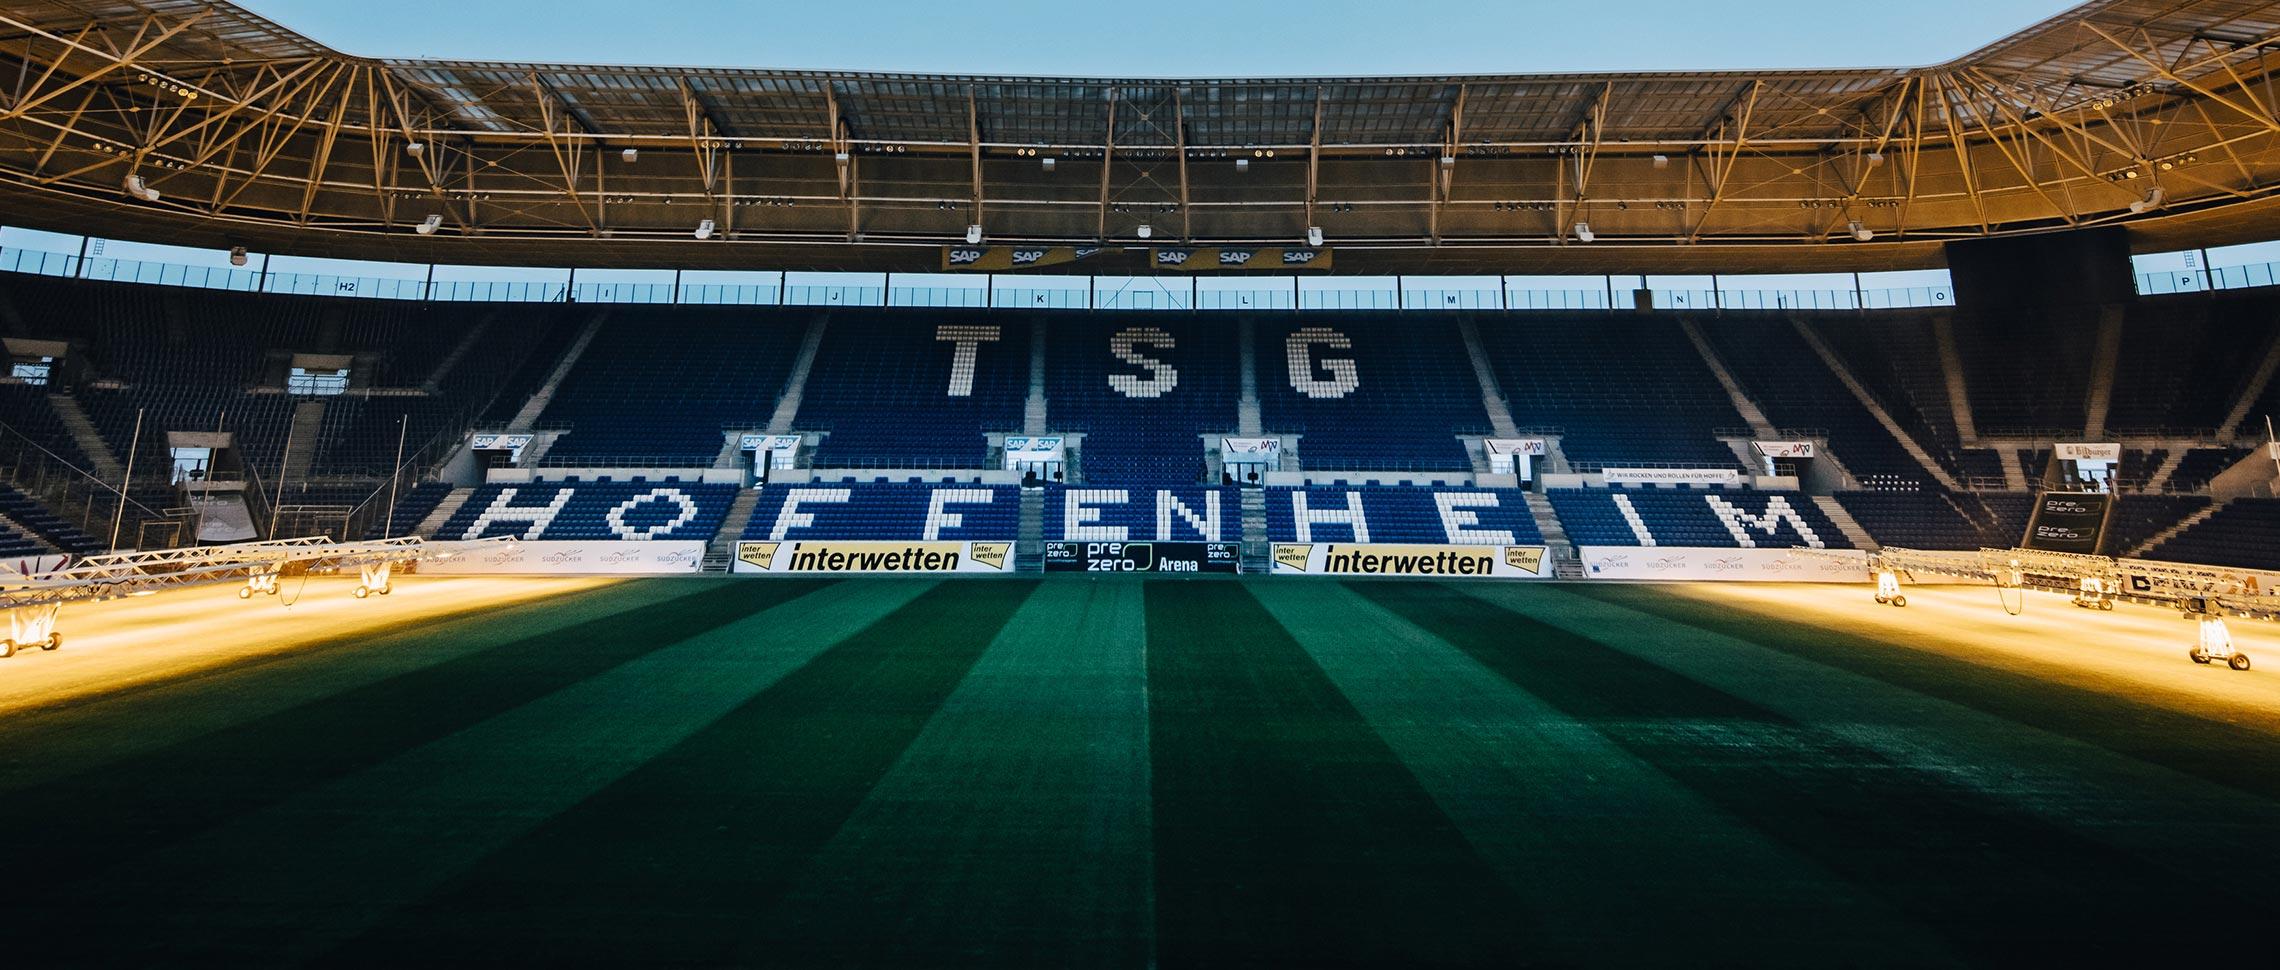 F2-Junioren « TSG Neustrelitz e.V.